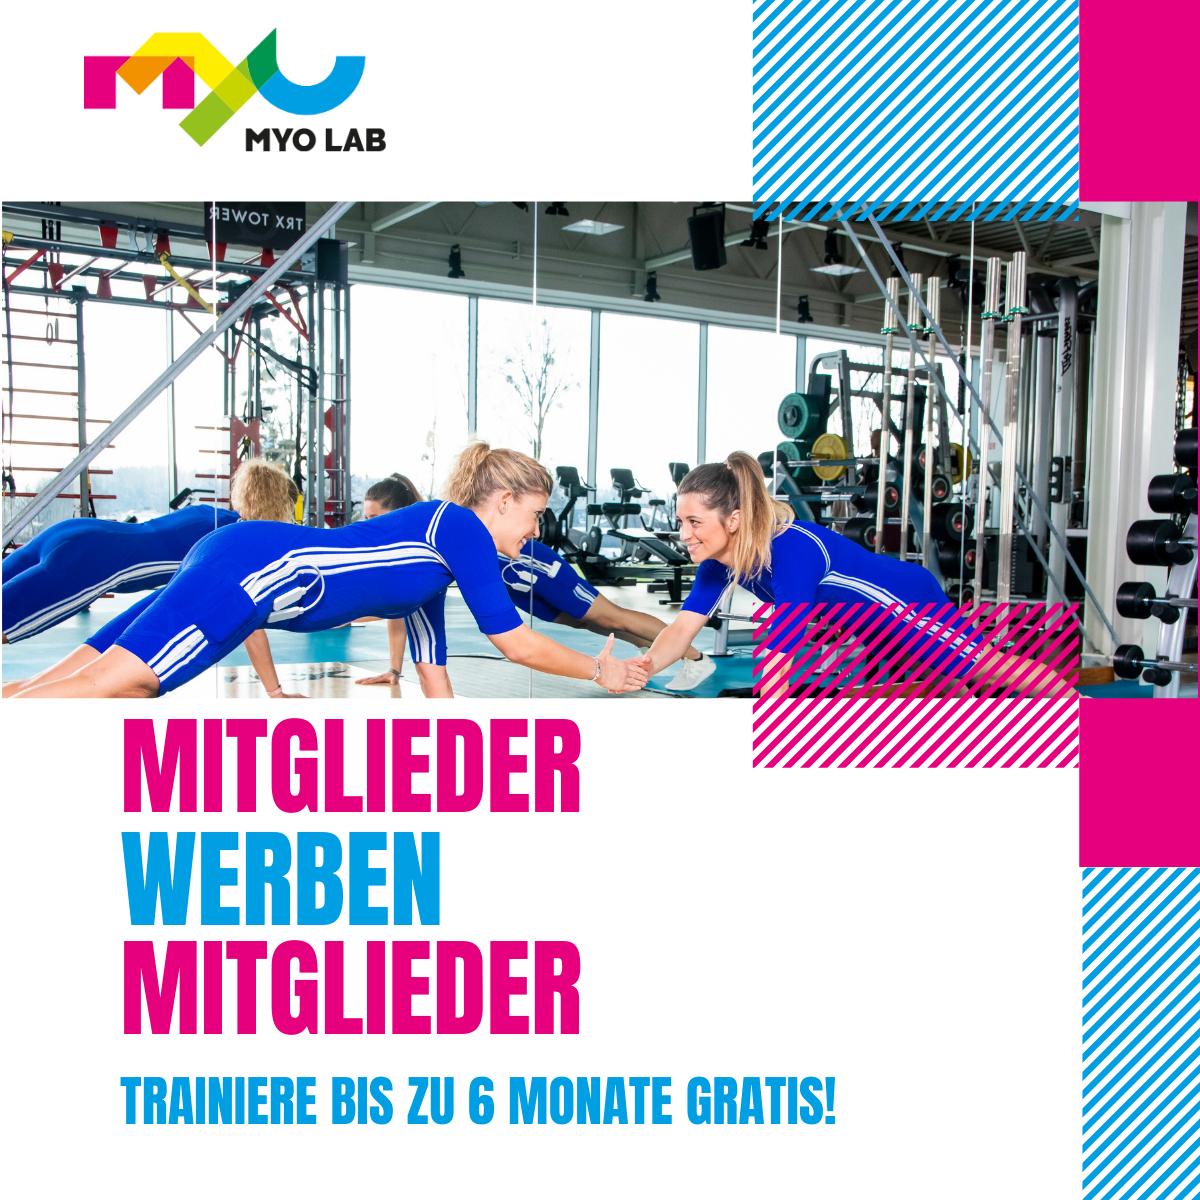 Kopie von Fitness Gym Posts (3)